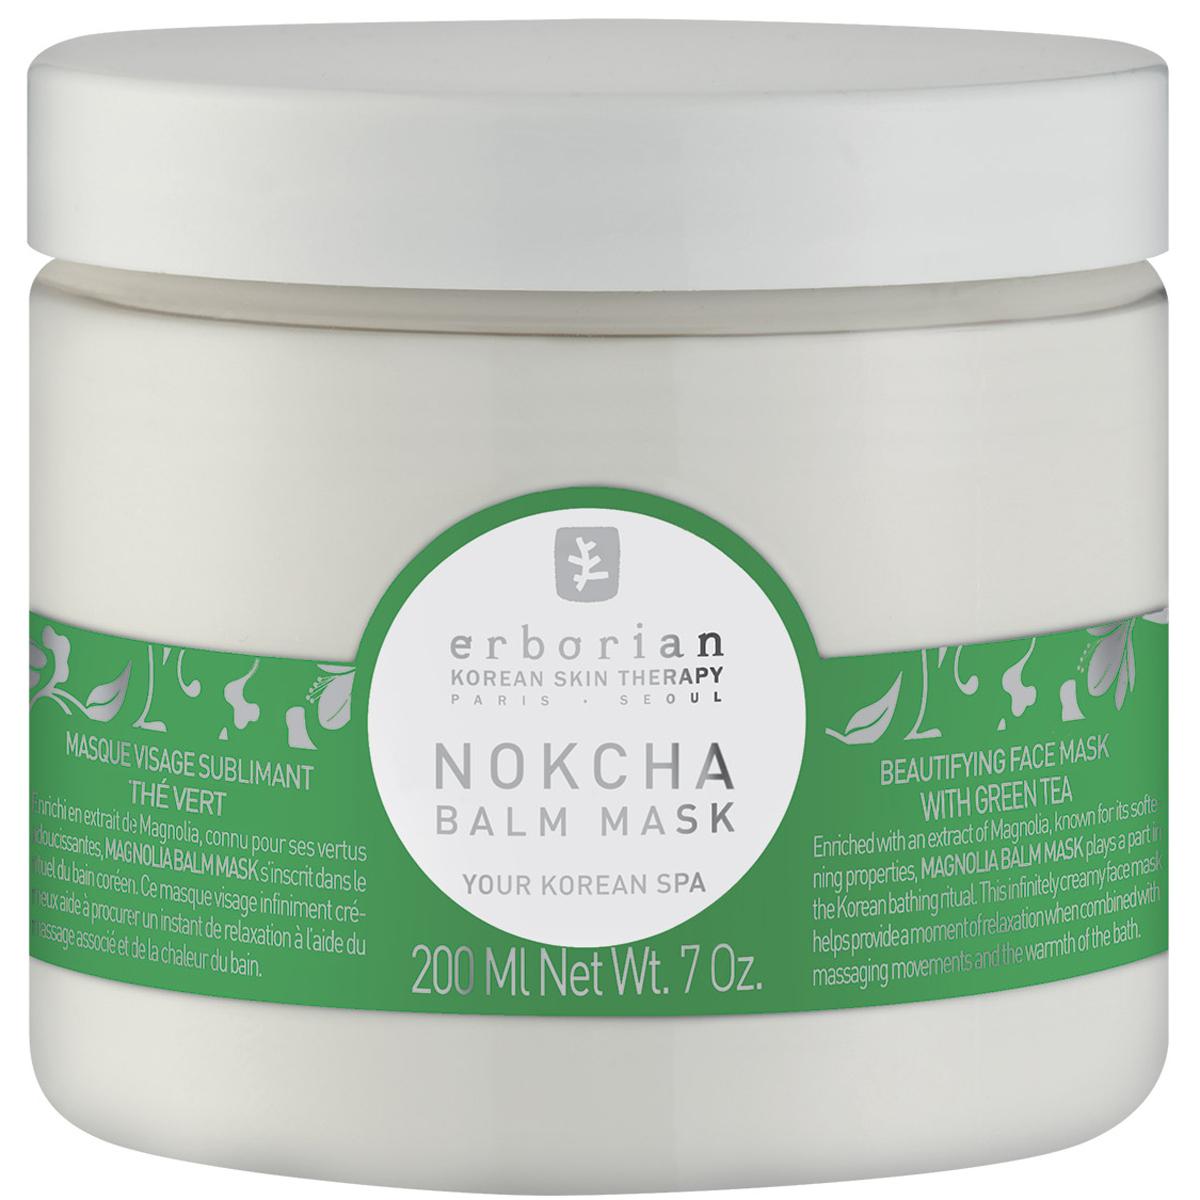 Erborian NOKCHA Очищающая маска для лица, 200 мл242028Обогащённая зеленым чаем, который известен своими целебными и антиоксидантными свойствами, Нокча маска для лица помогает глубоко очистить кожу, удаляя загрязнения и излишки себума. Маска подарит не только чувство свежести и комфорта, но и незабываемые моменты релаксации Вам и Вашей коже. Средство прошло дерматологический контроль.